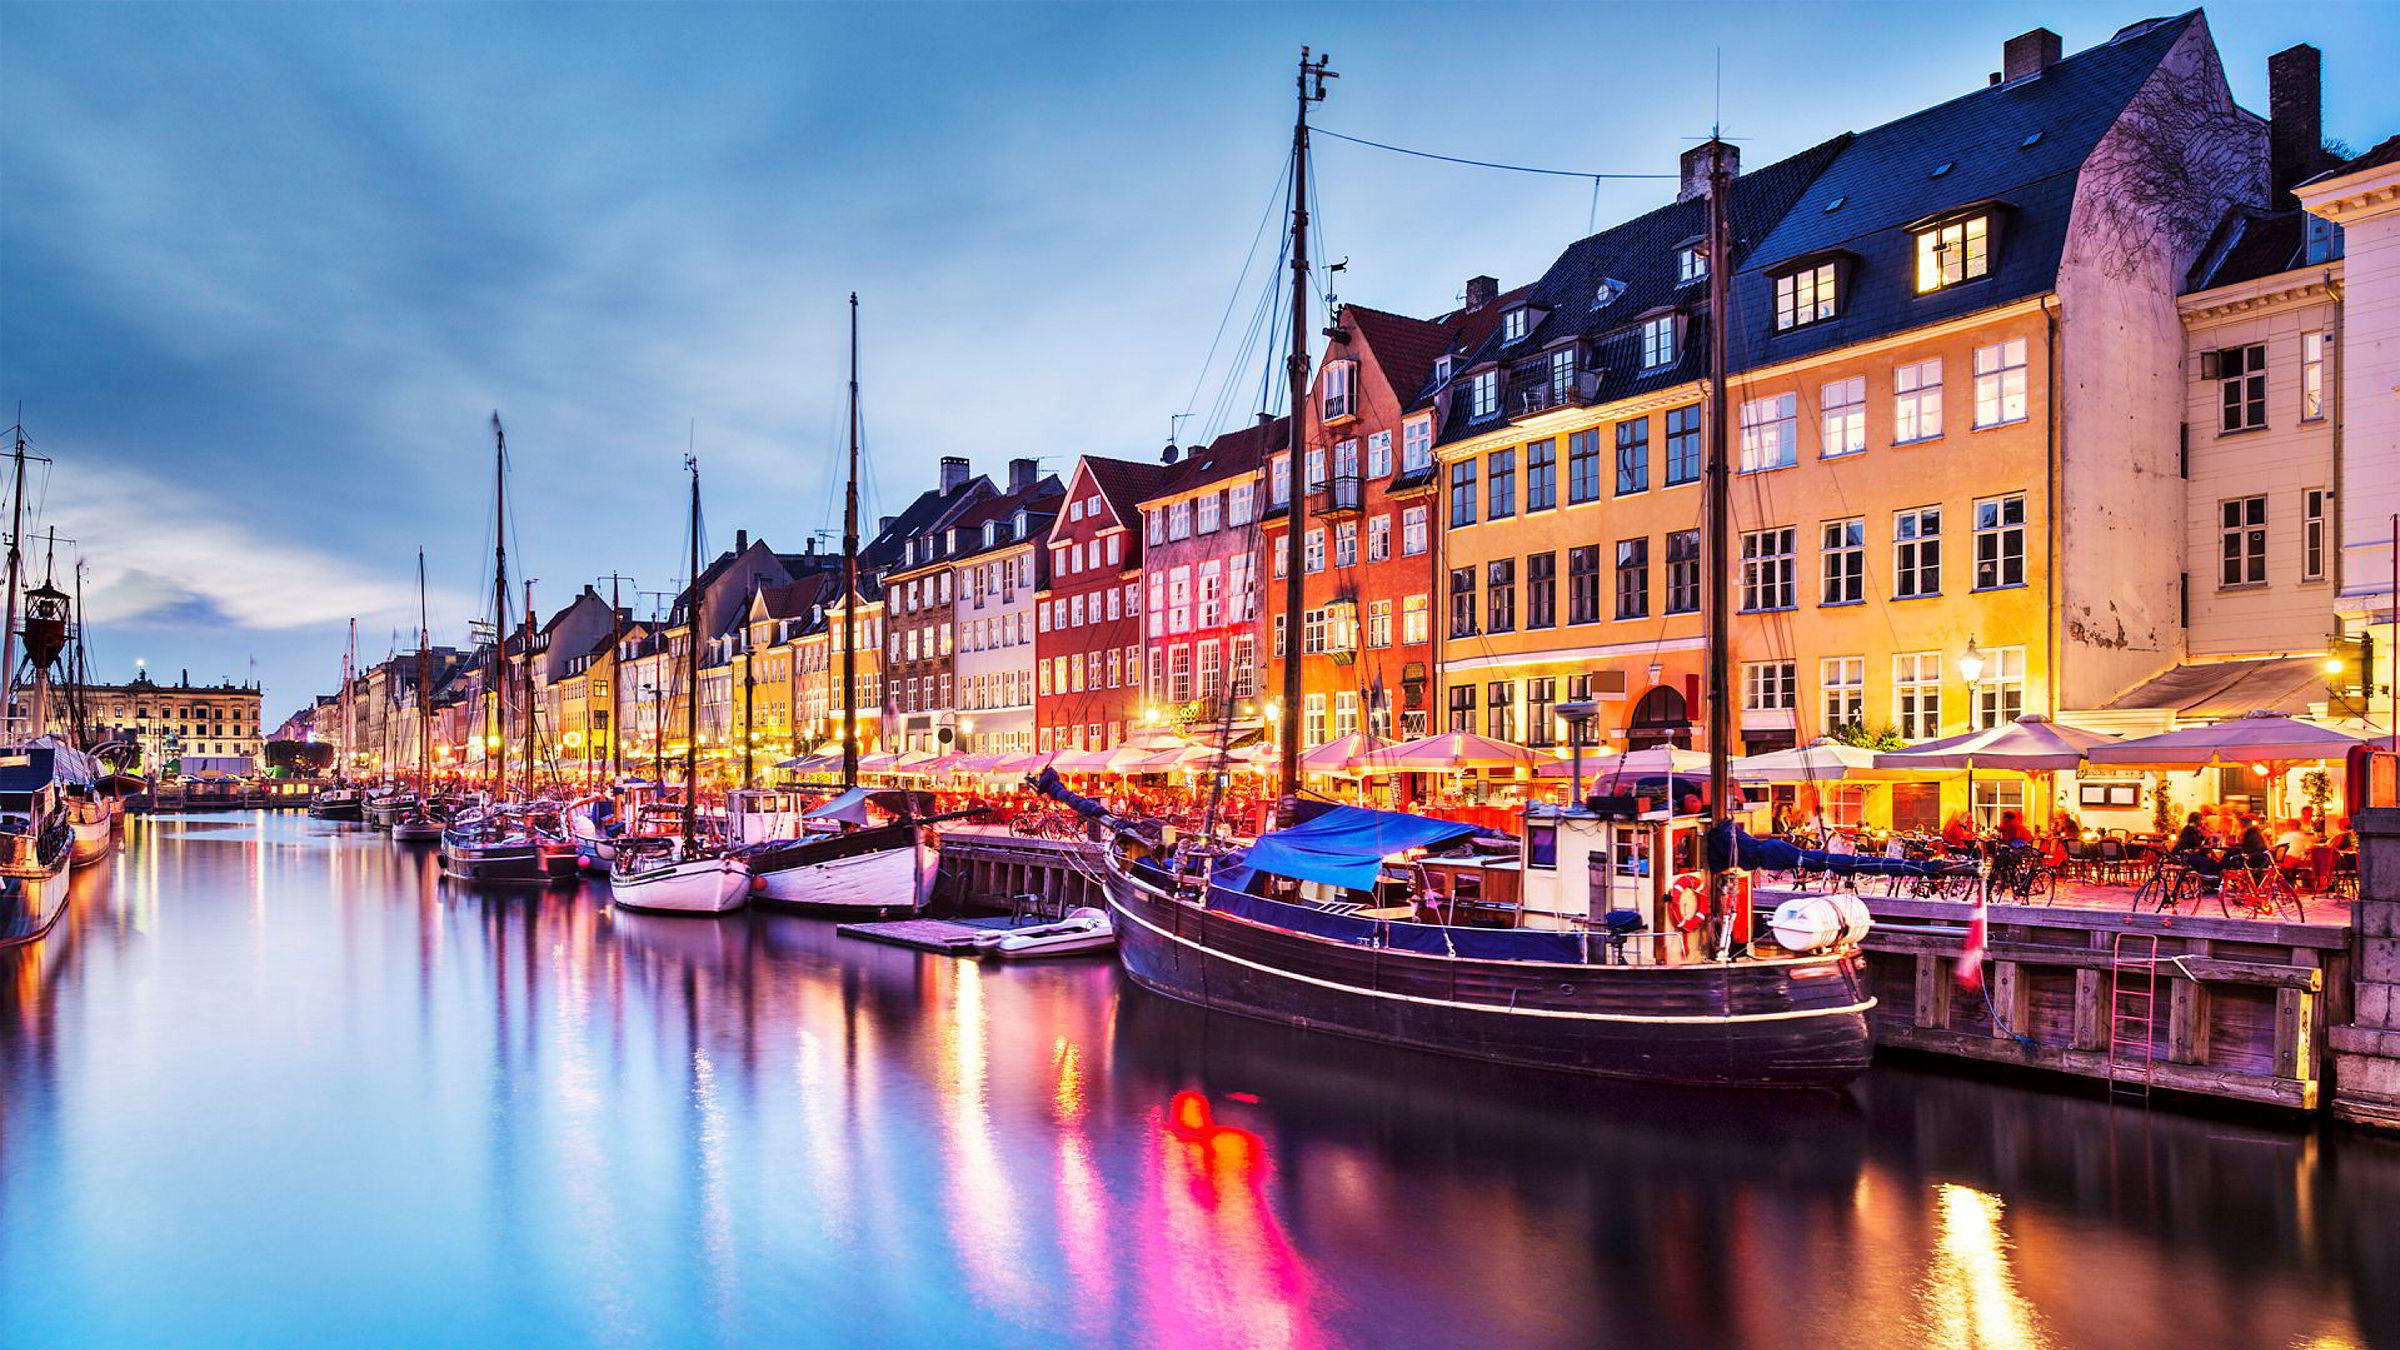 Hotelloperatørene i København, med Nyhavn (bildet) som et av de mest kjente landemerkene, har på kort tid gått fra store underskudd til milliardoverskudd.